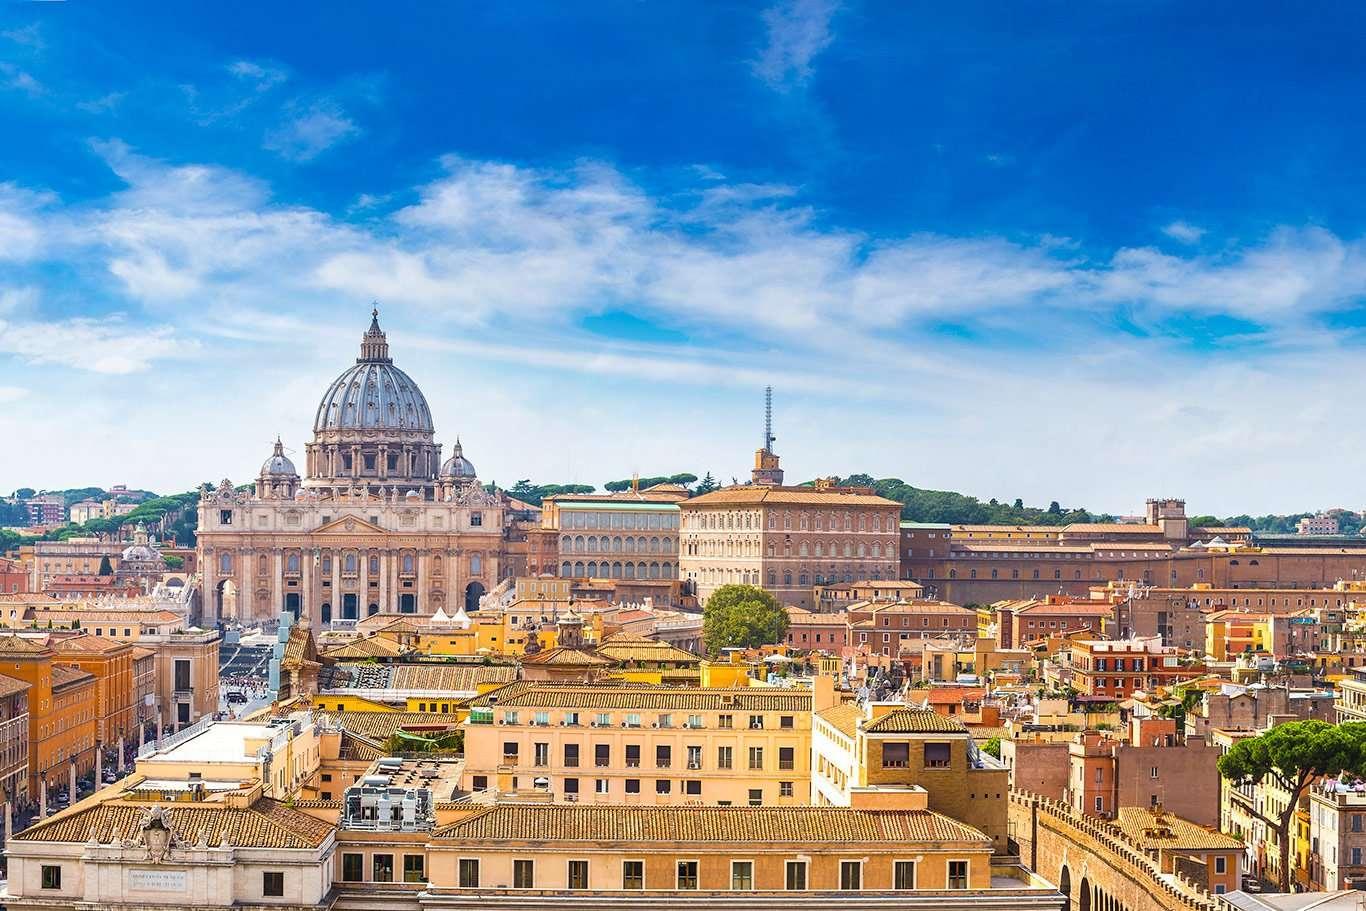 Rzym i Watykan + audiencja papieska